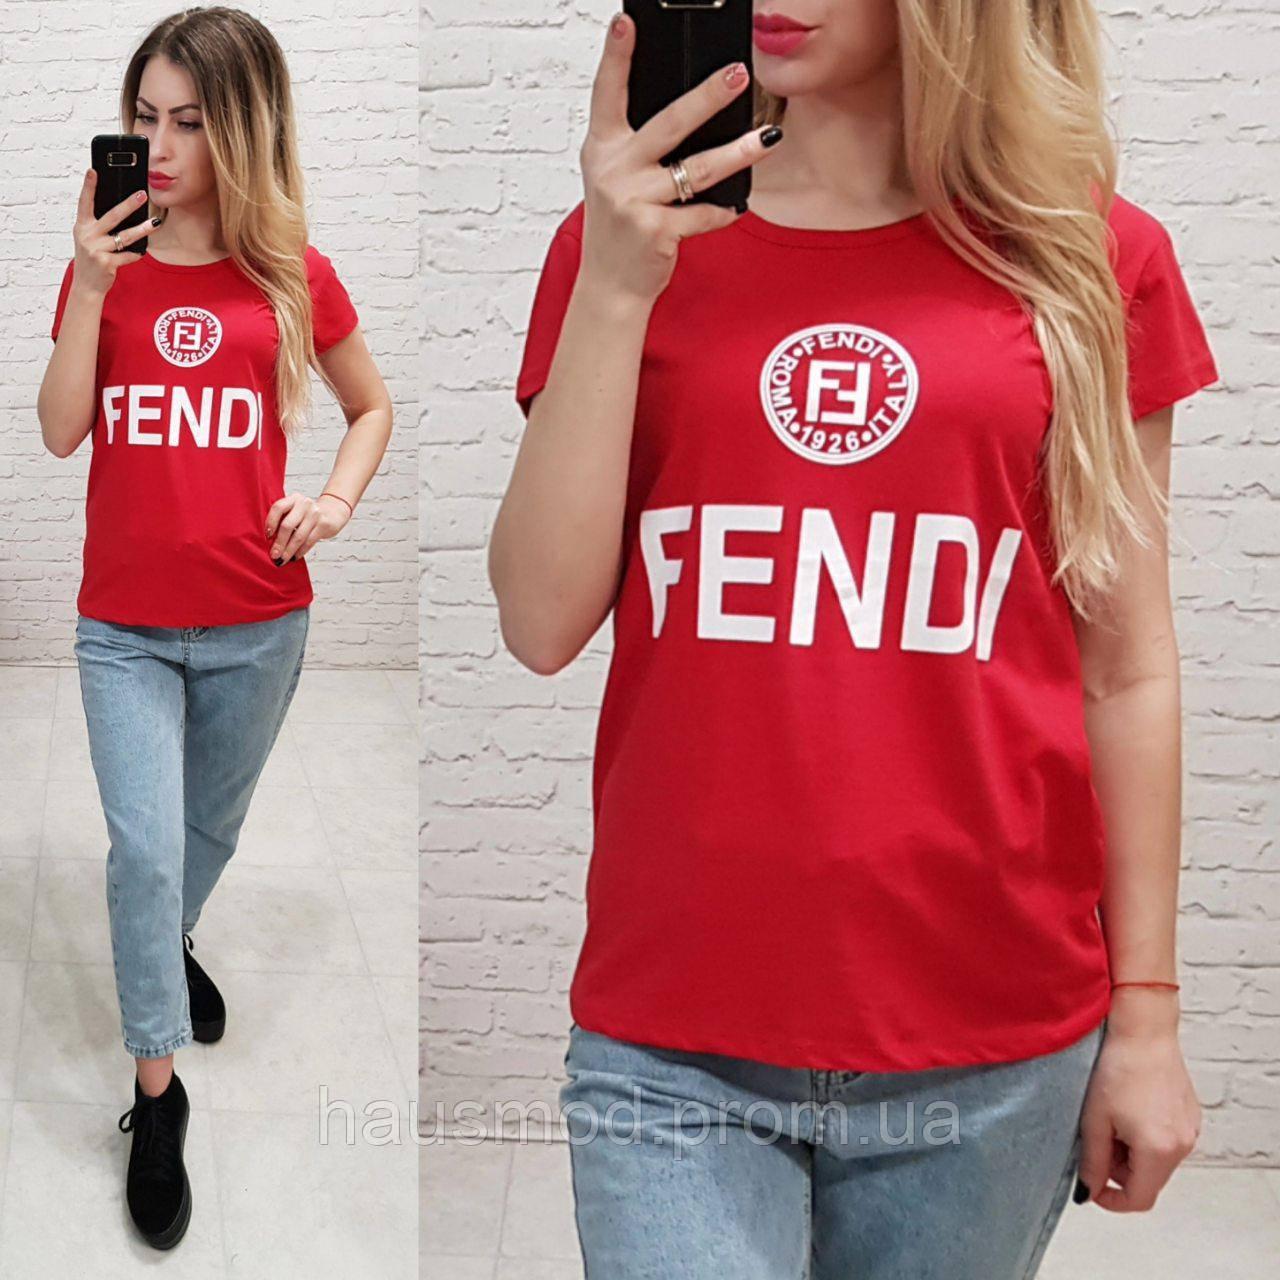 Женская футболка летняя реплика Fendi 100% катон качество турция цвет красный